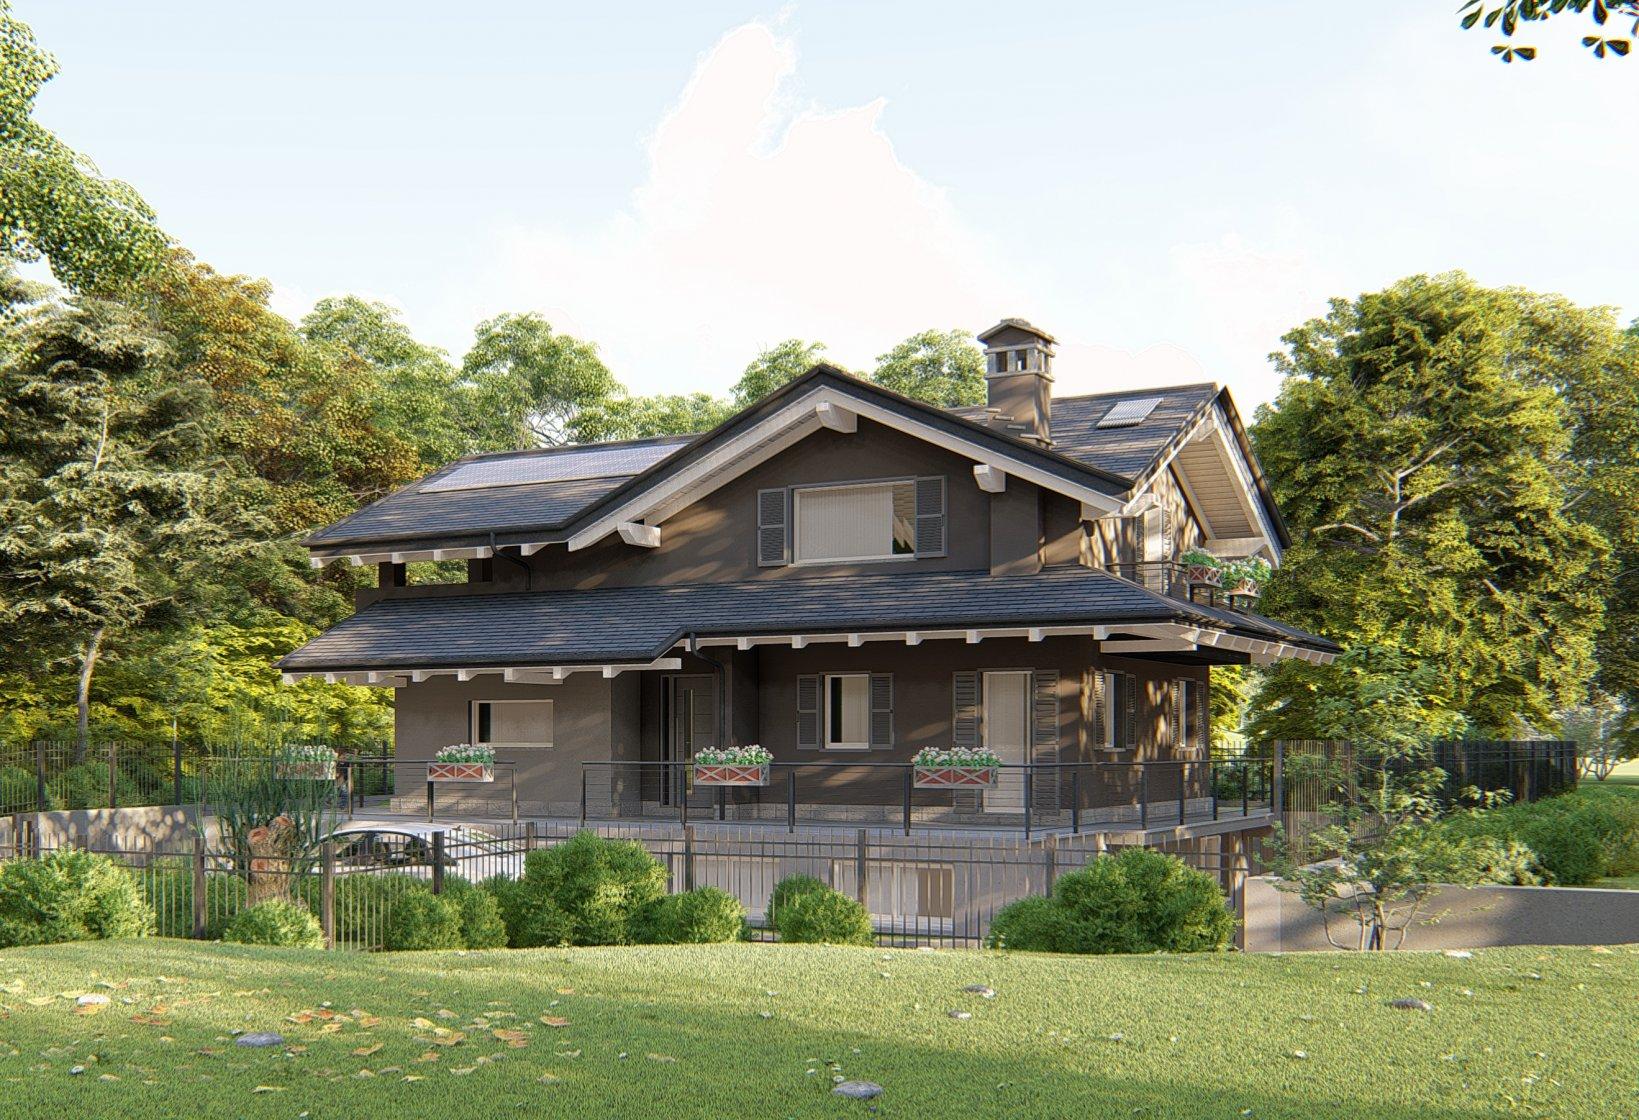 Building evolution modelli di case in legno prezzi e for Case prefabbricate torino